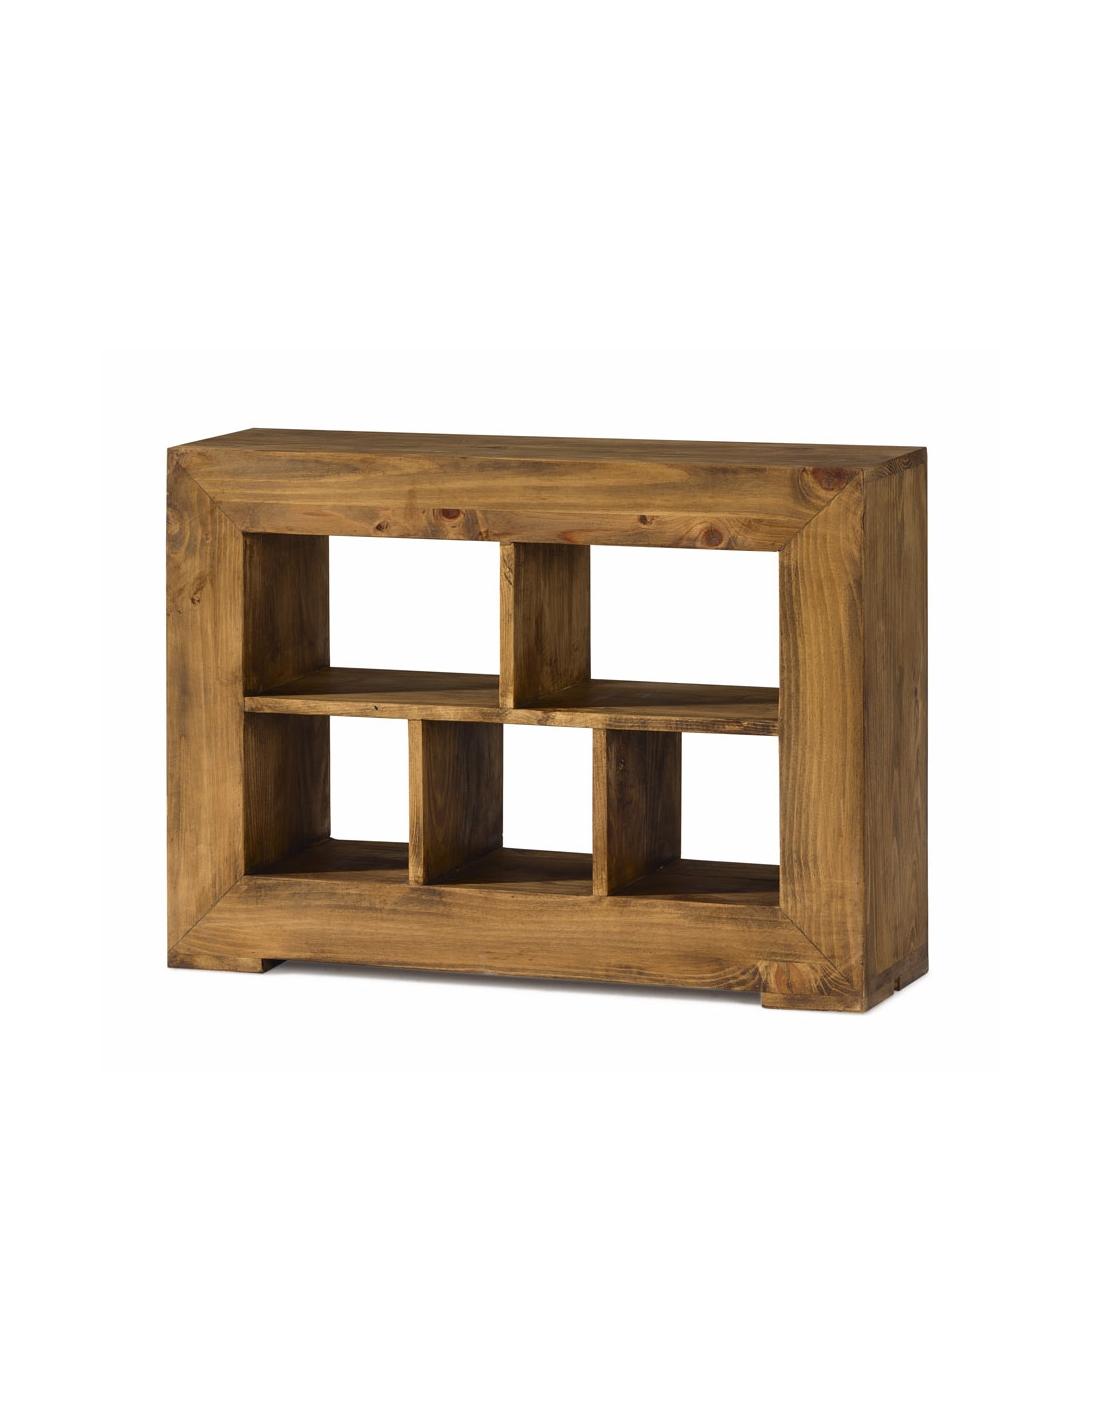 Comprar mesa de centro rustica de madera zoom for Mesas madera rustica